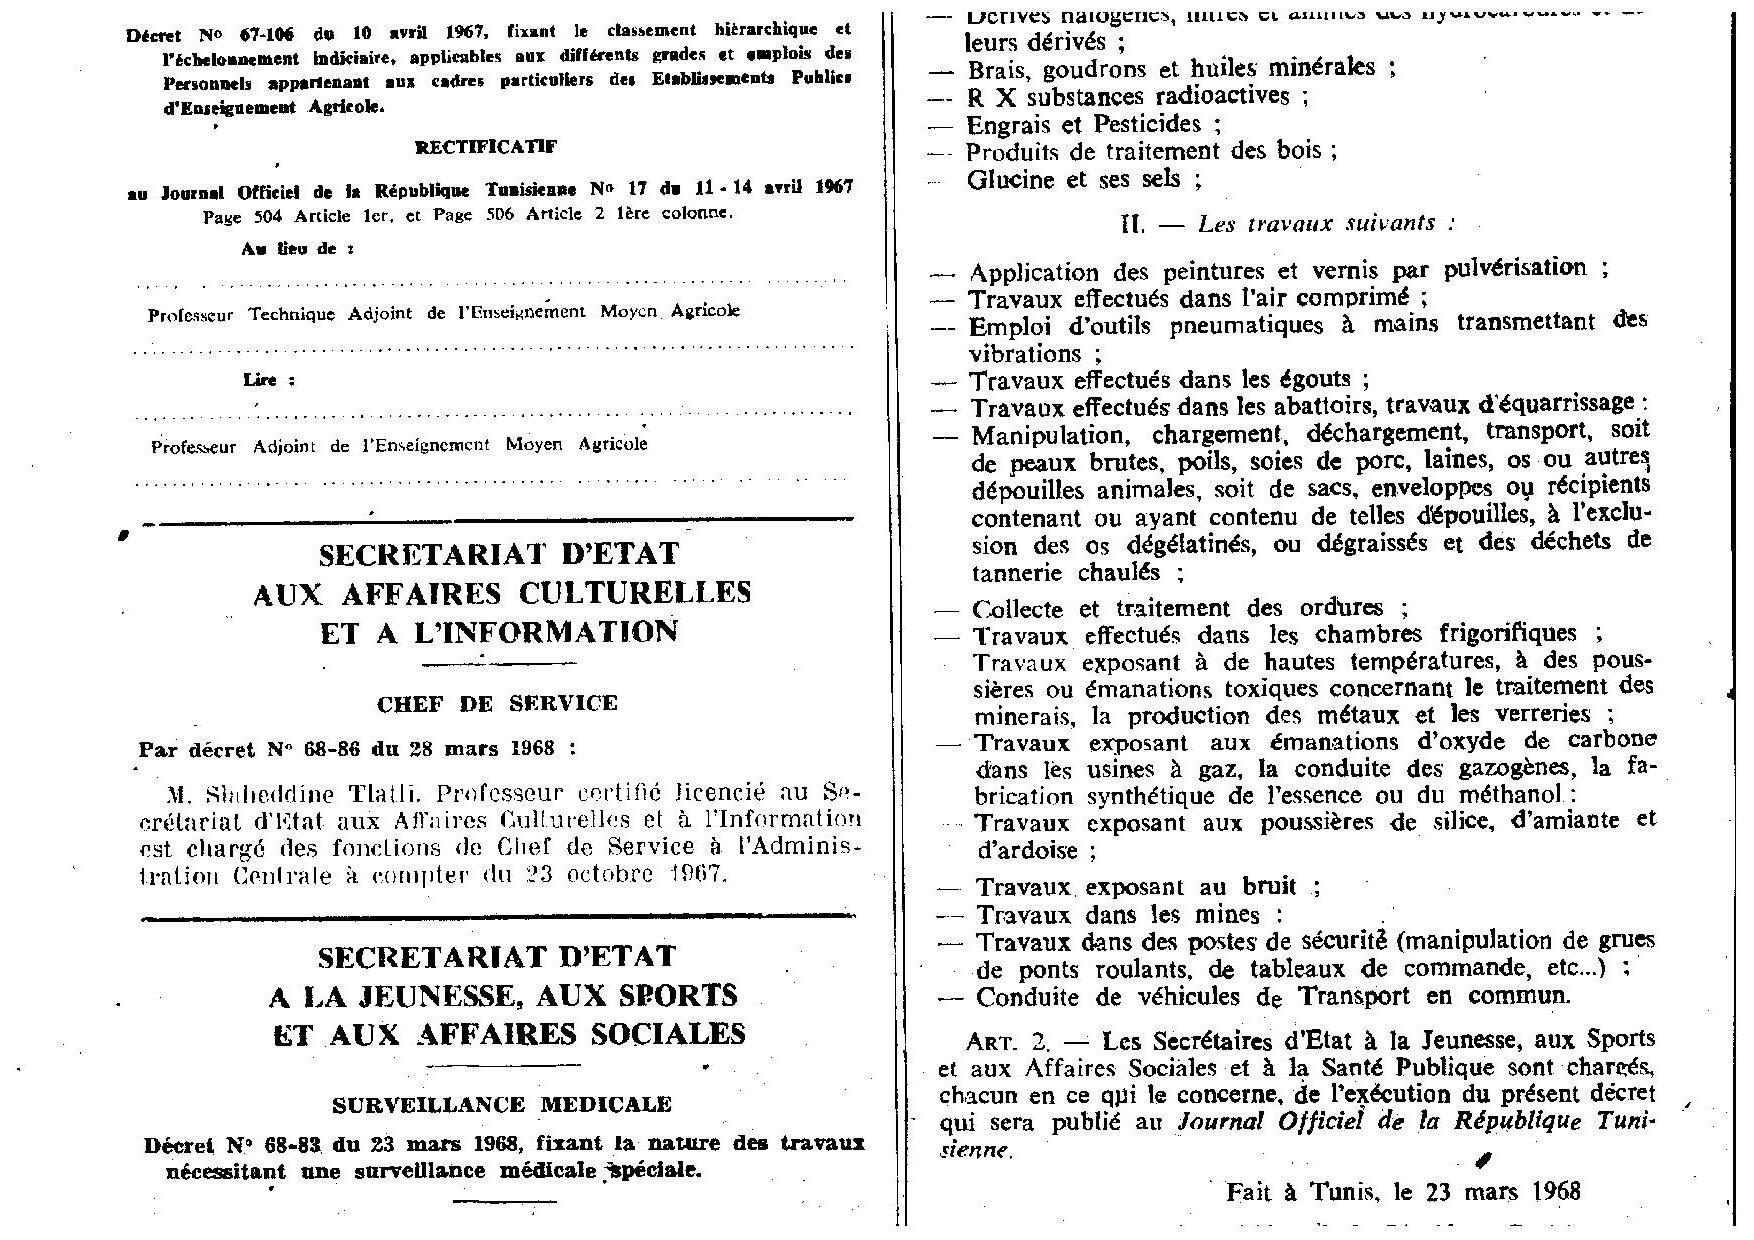 Surveillance Médicale Spéciale en Tunisie ou Renforcée en France